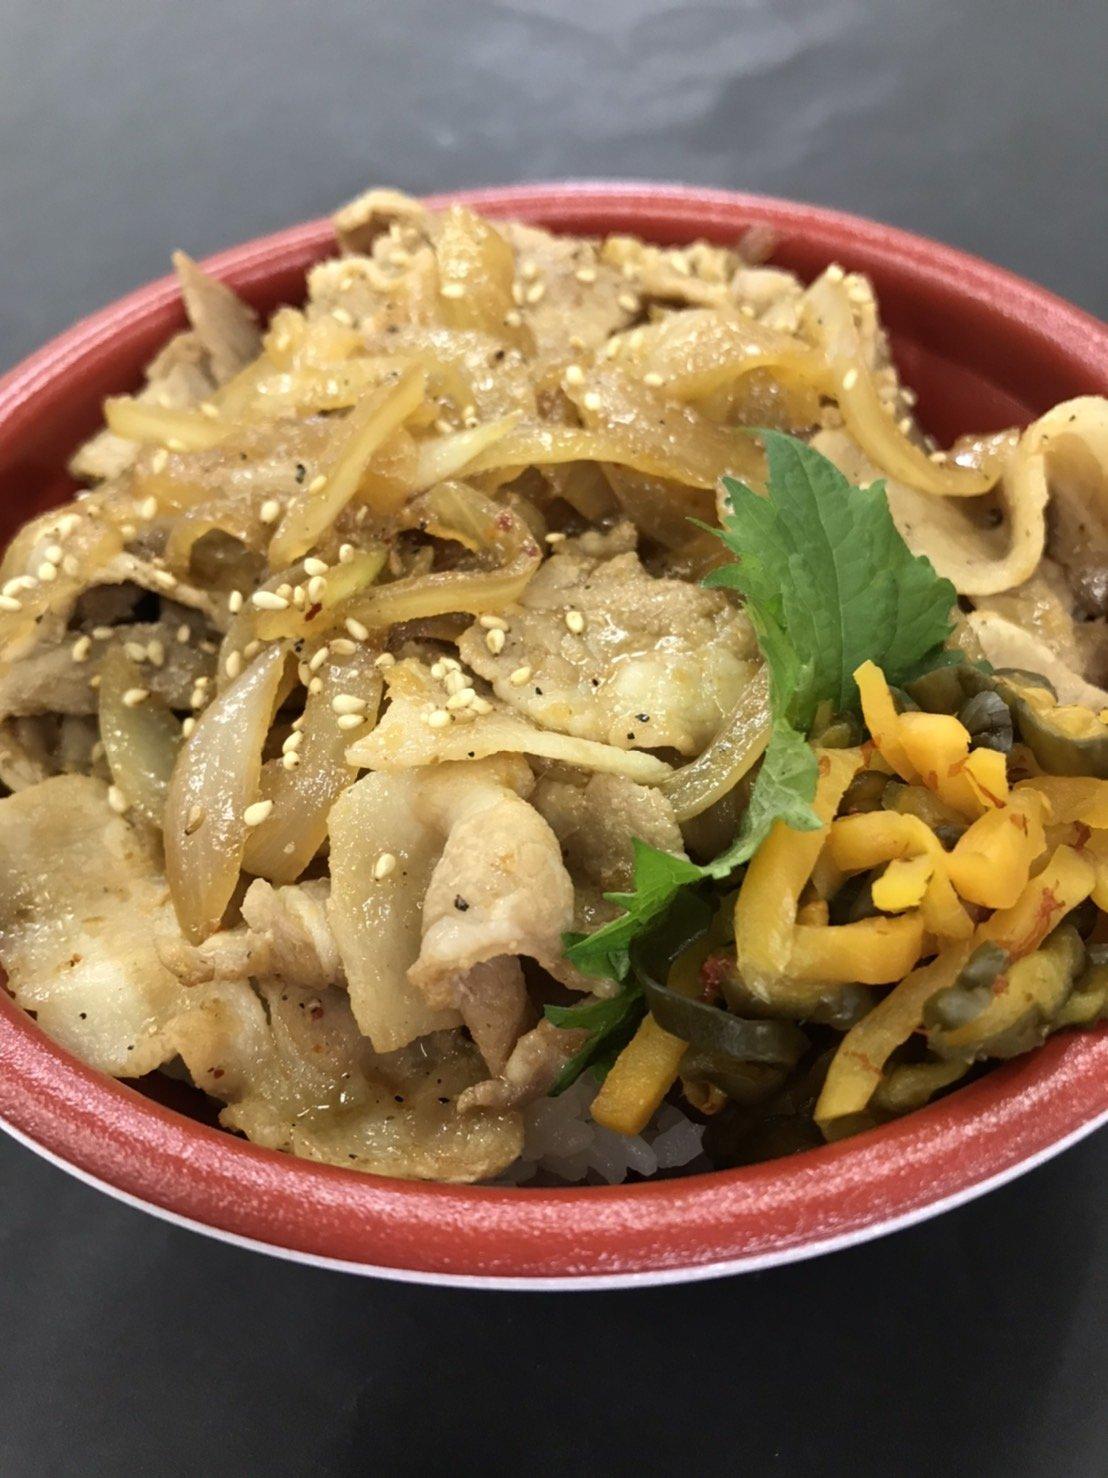 豚バラ肉の生姜焼き丼/七福のイメージその1